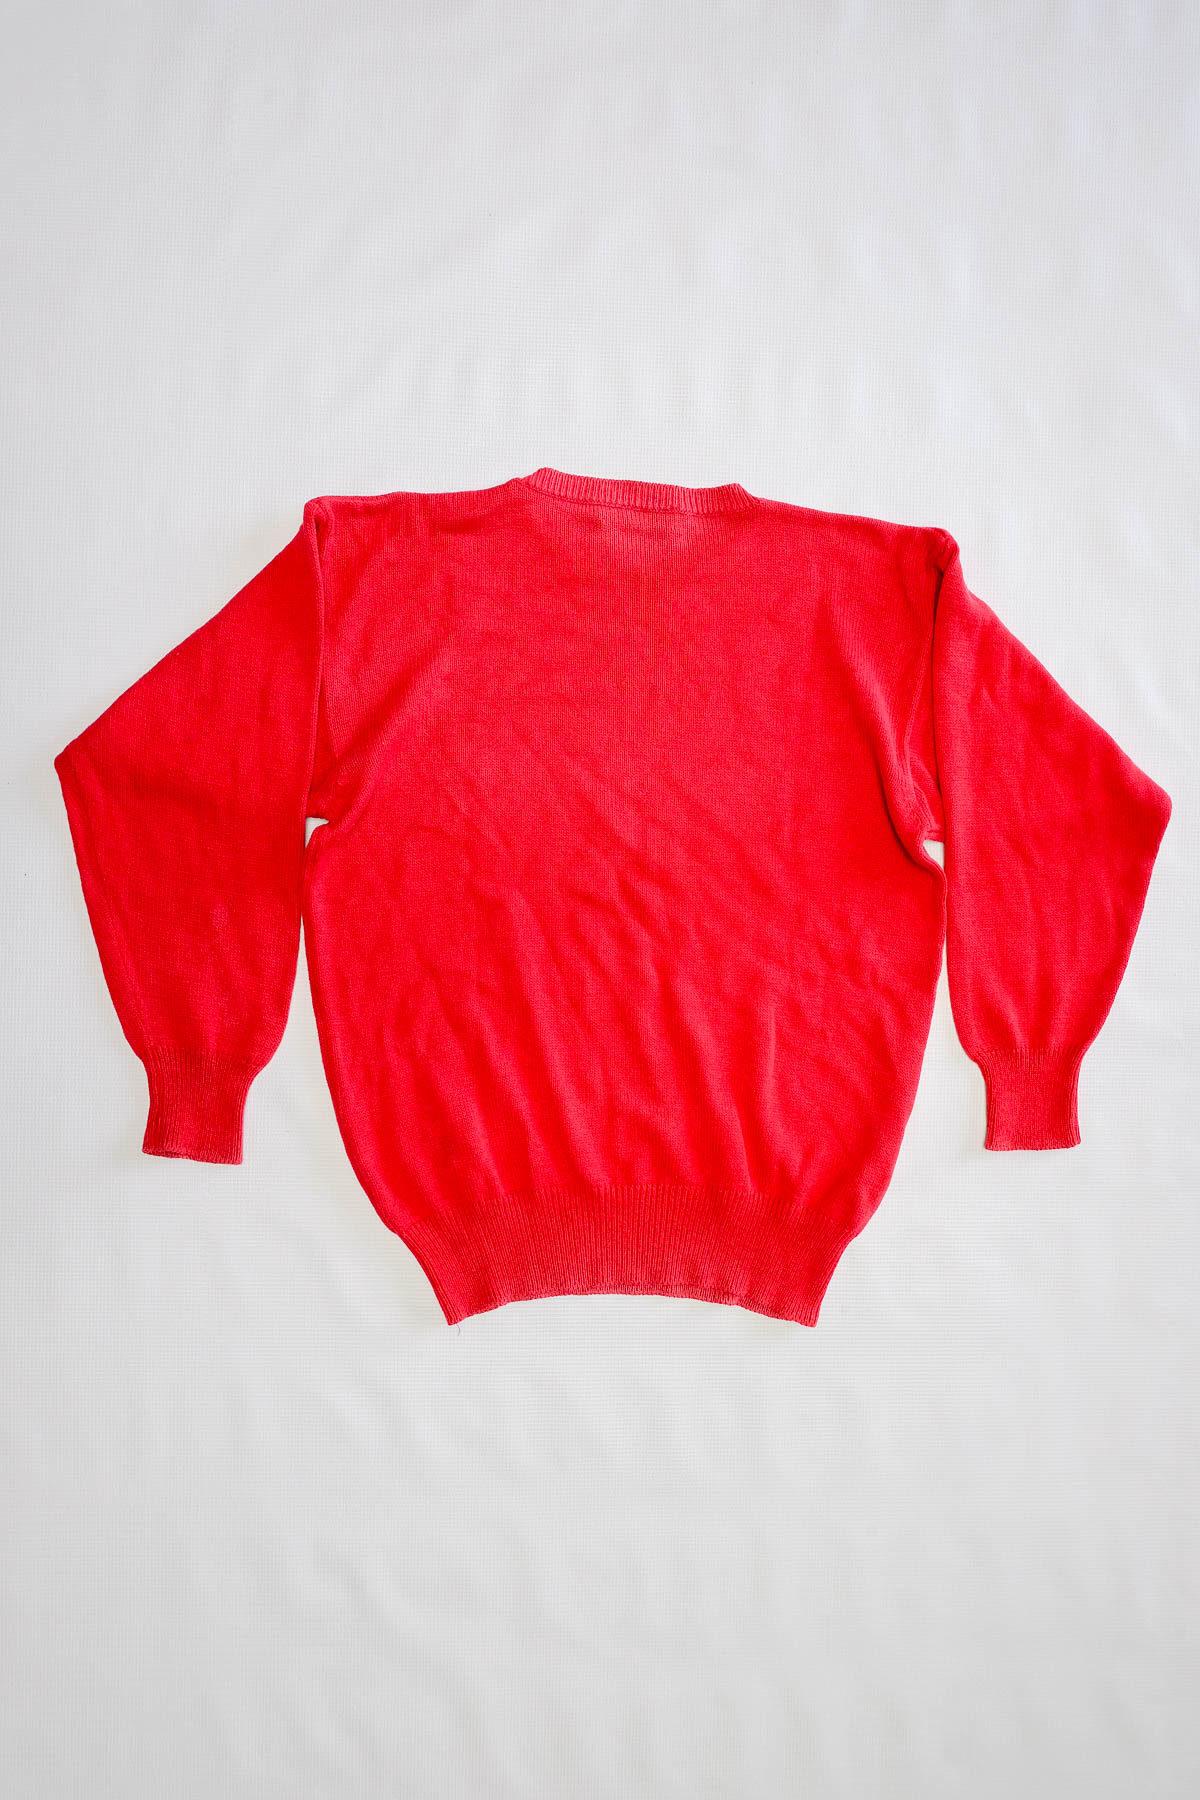 Robe Di Kappa MAGLIONE VINTAGE Red